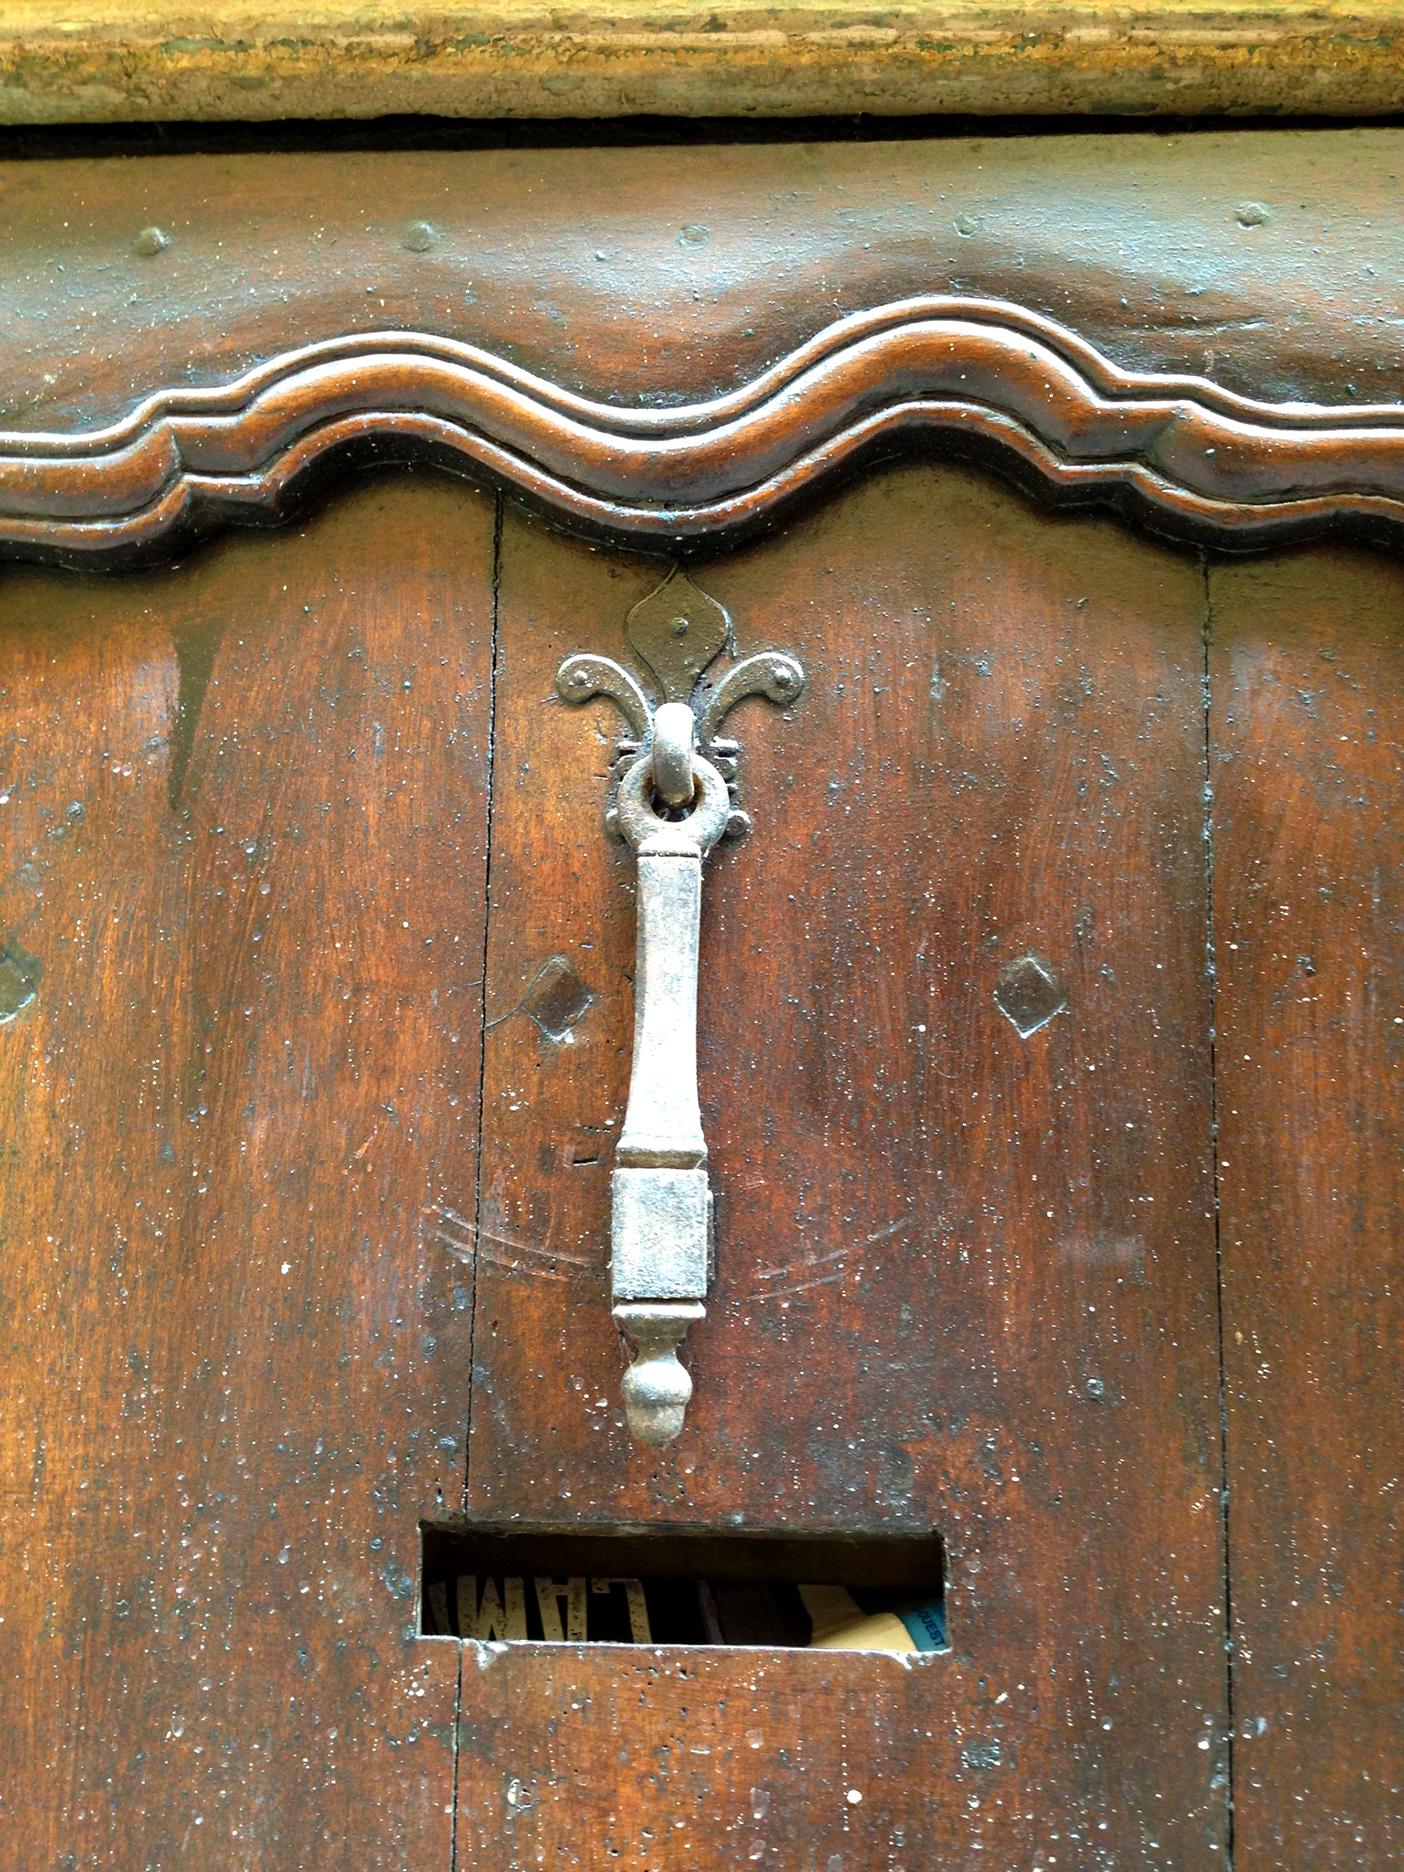 Another hammer-style door knocker